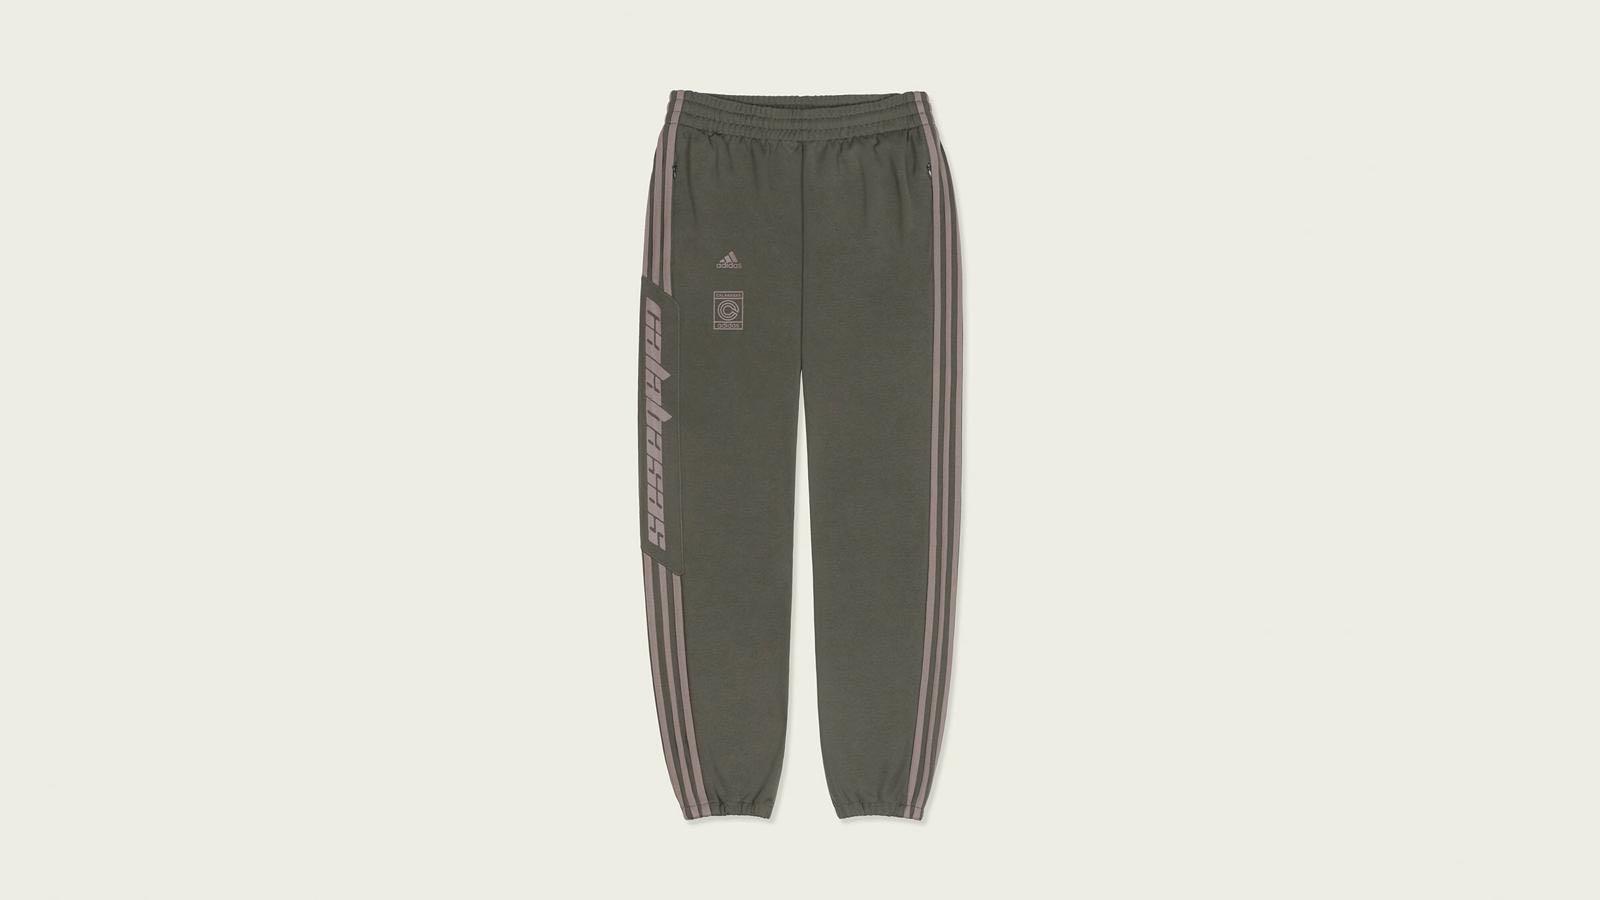 287d2ab49 Adidas Yeezy Calabasas track pants